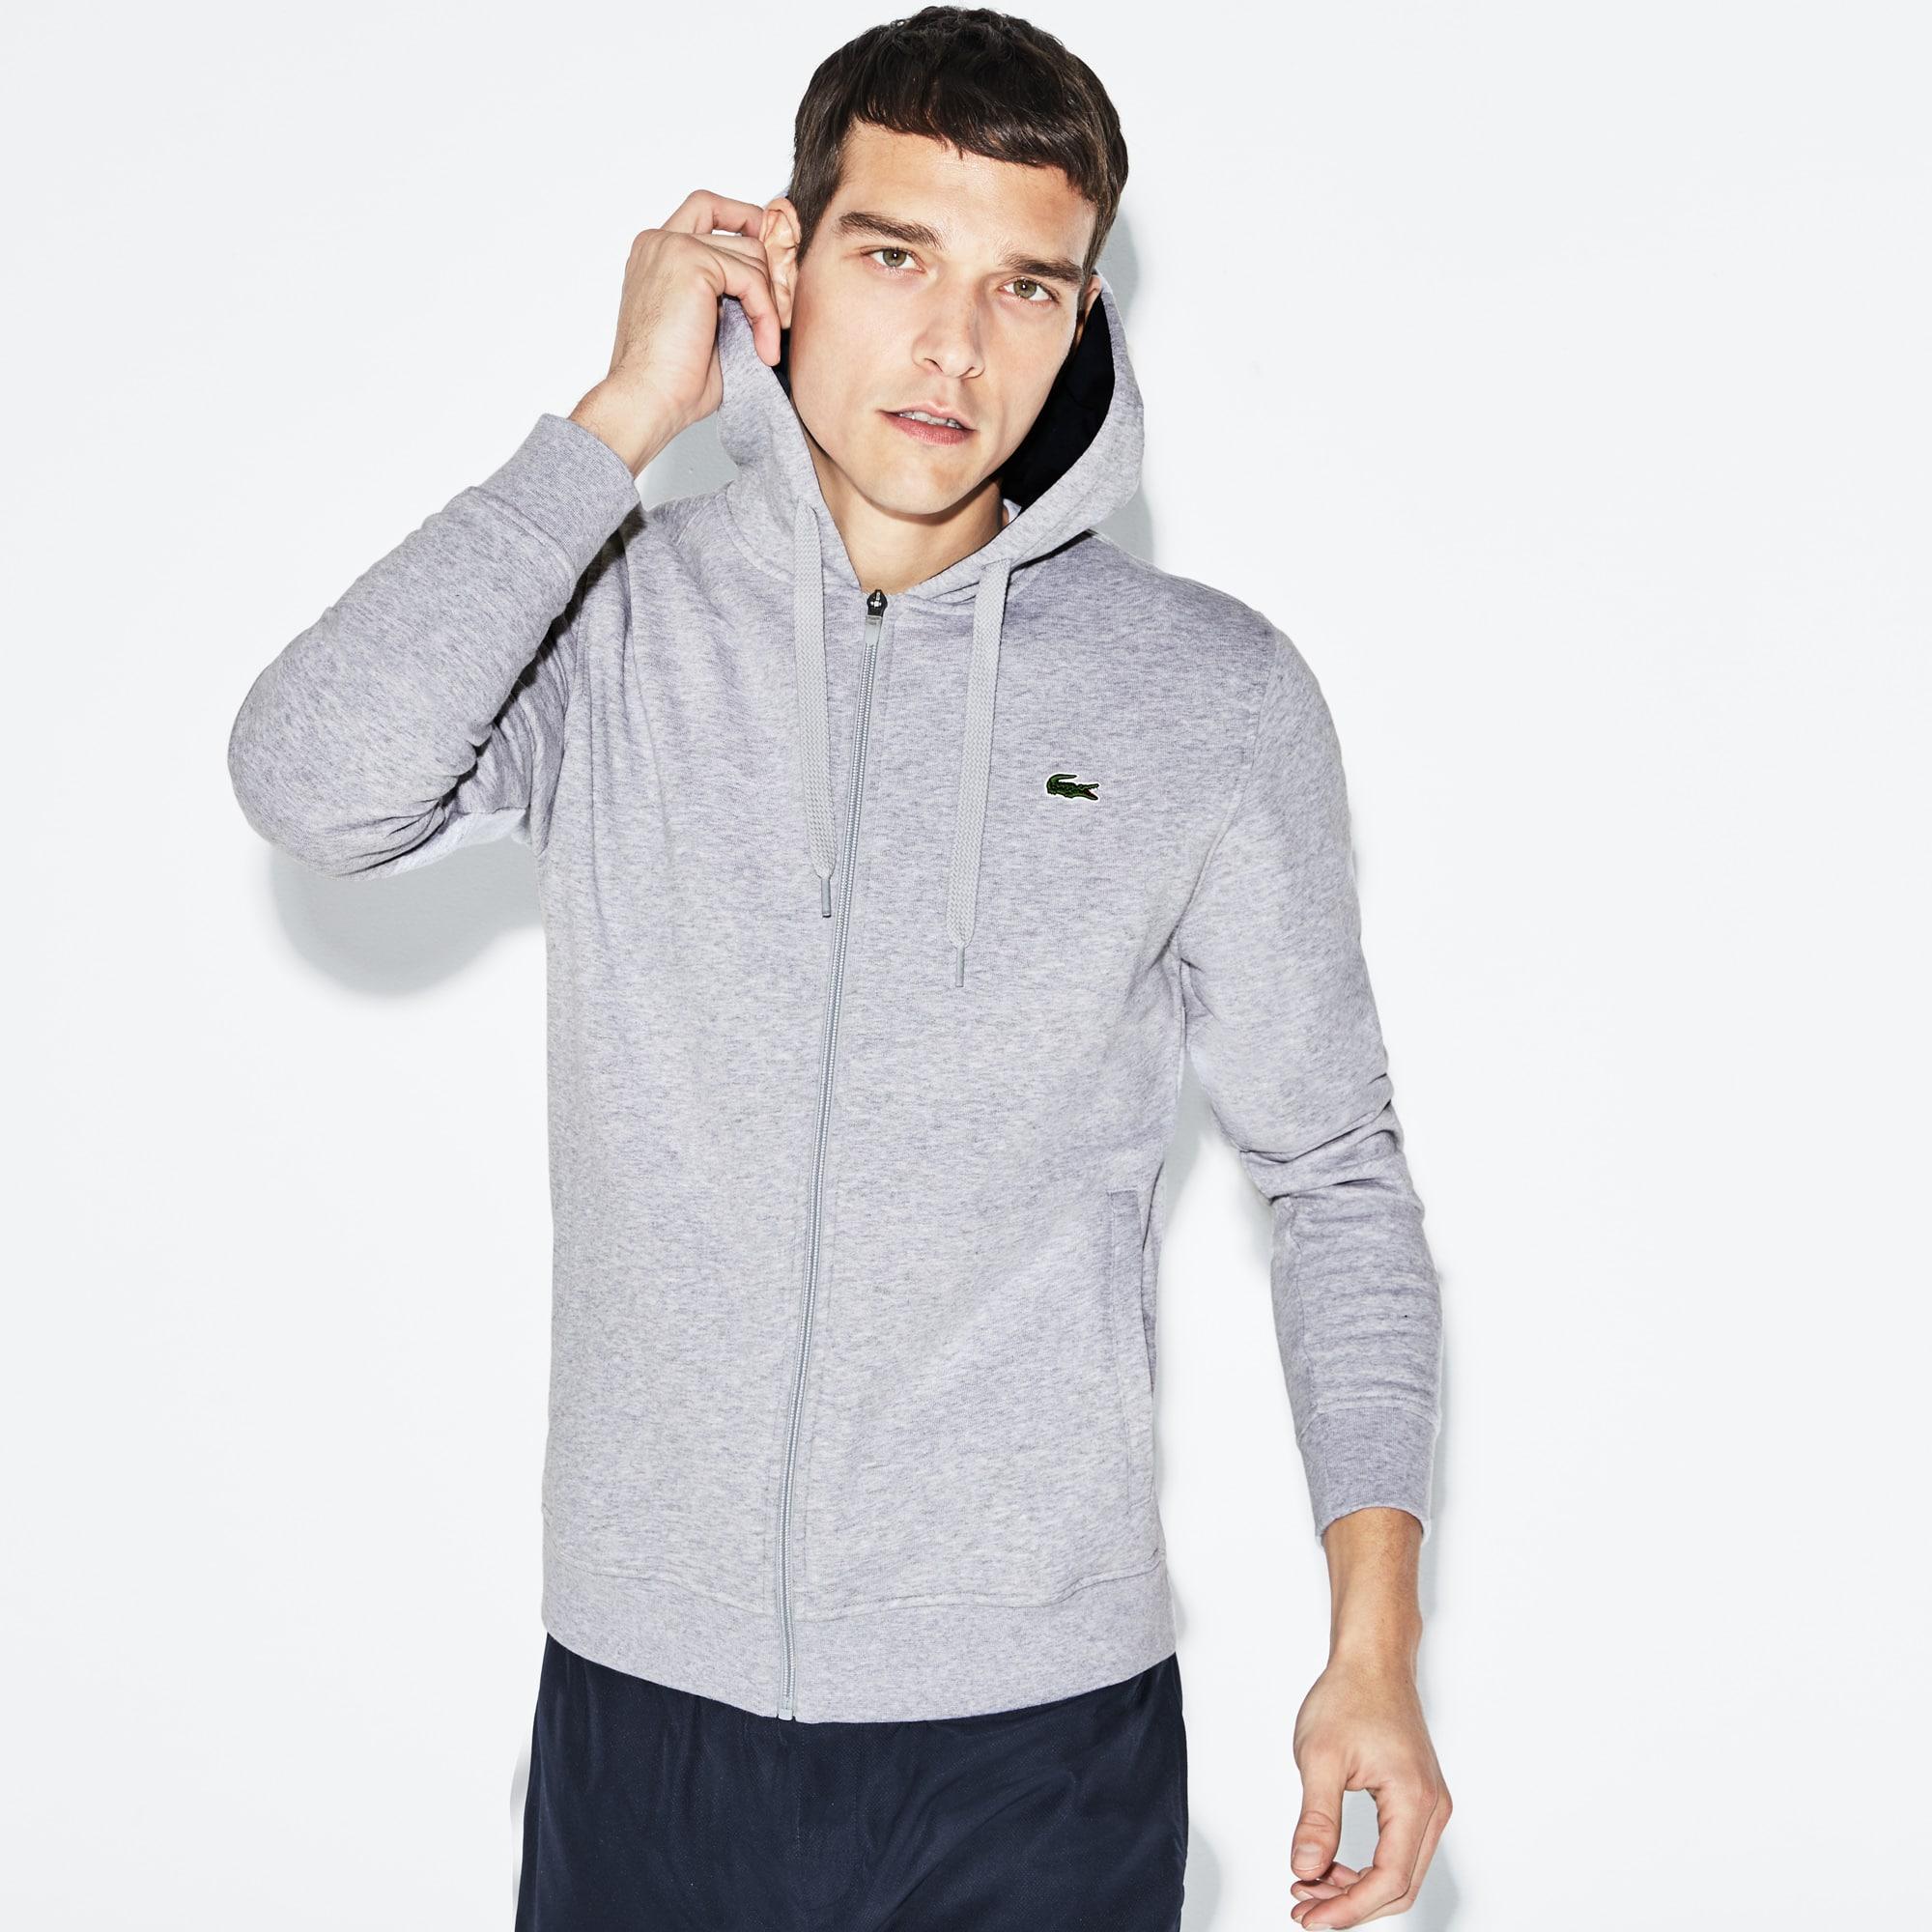 Men's SPORT Miami Open Hooded Fleece Tennis Sweatshirt